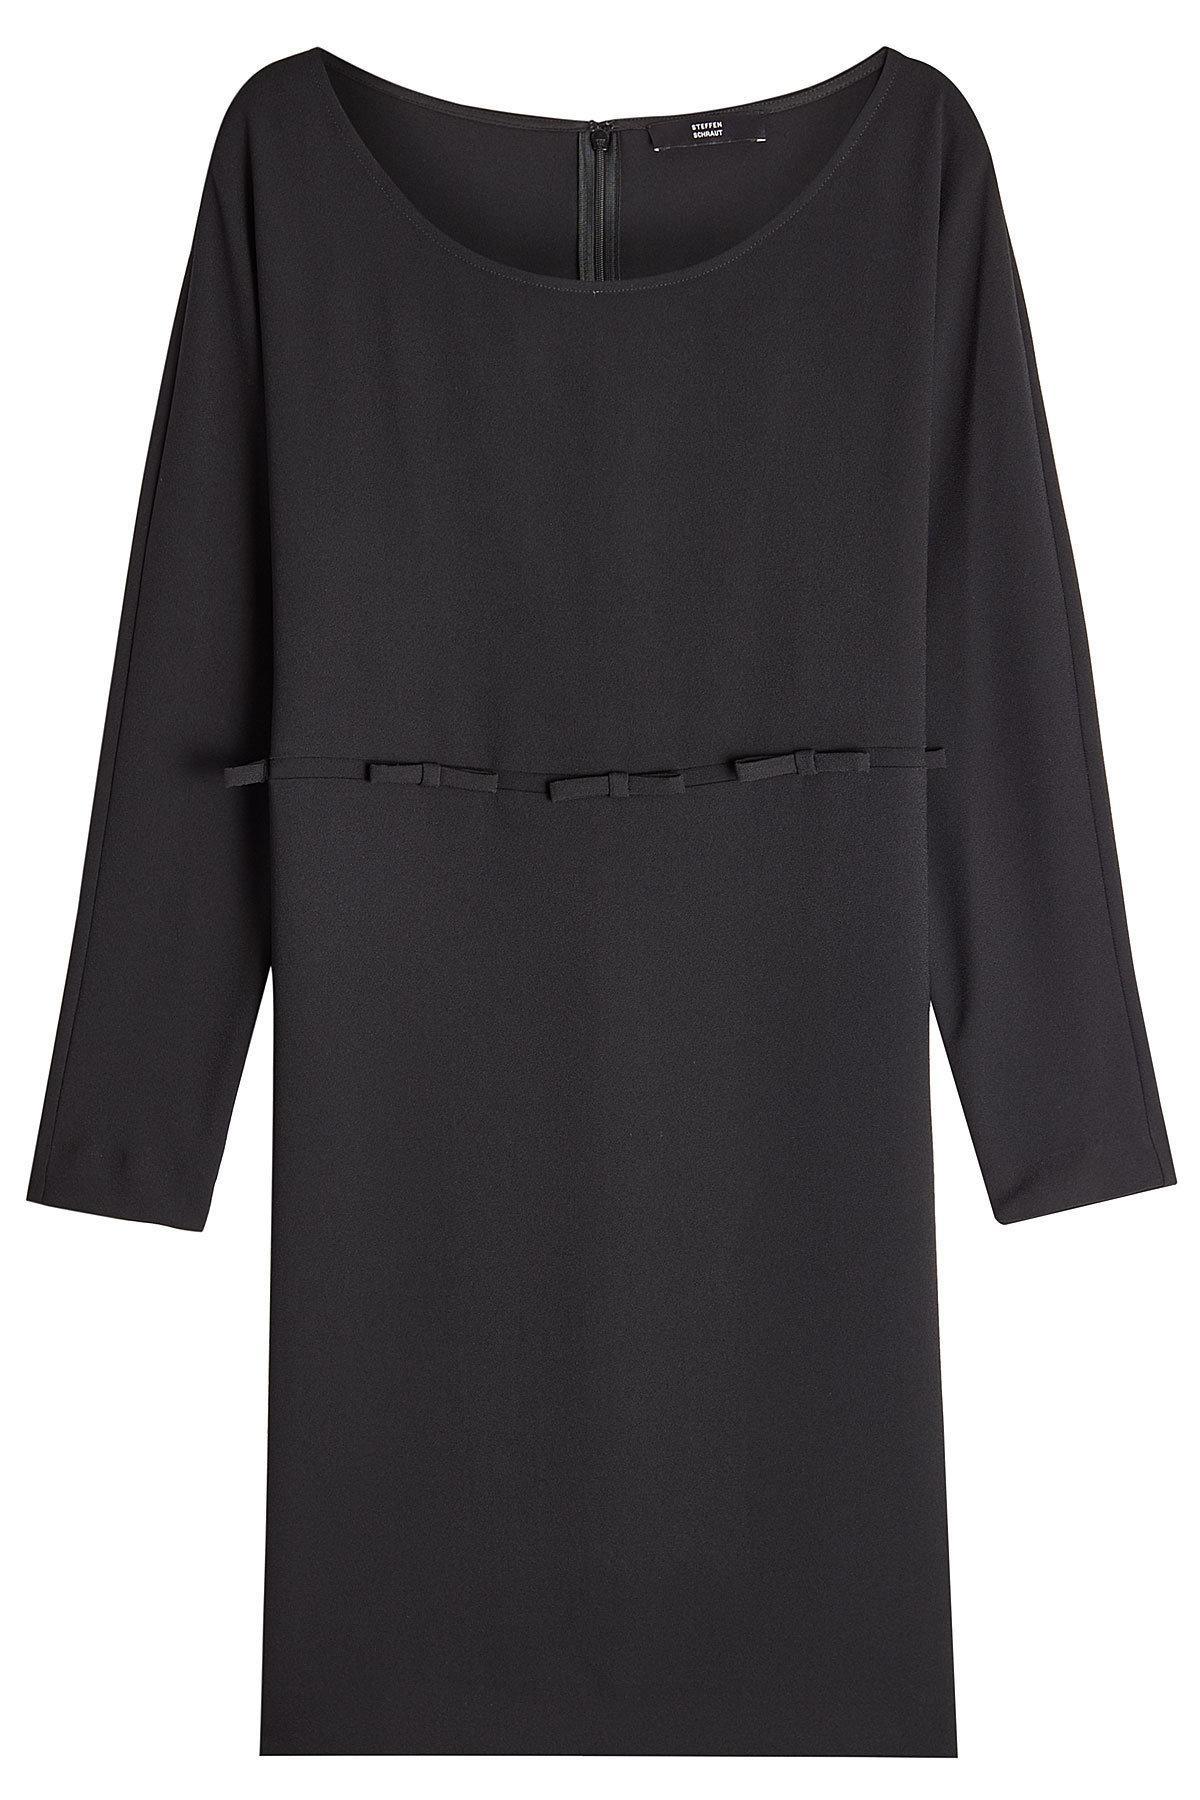 Steffen Schraut Dress With Bows In Black